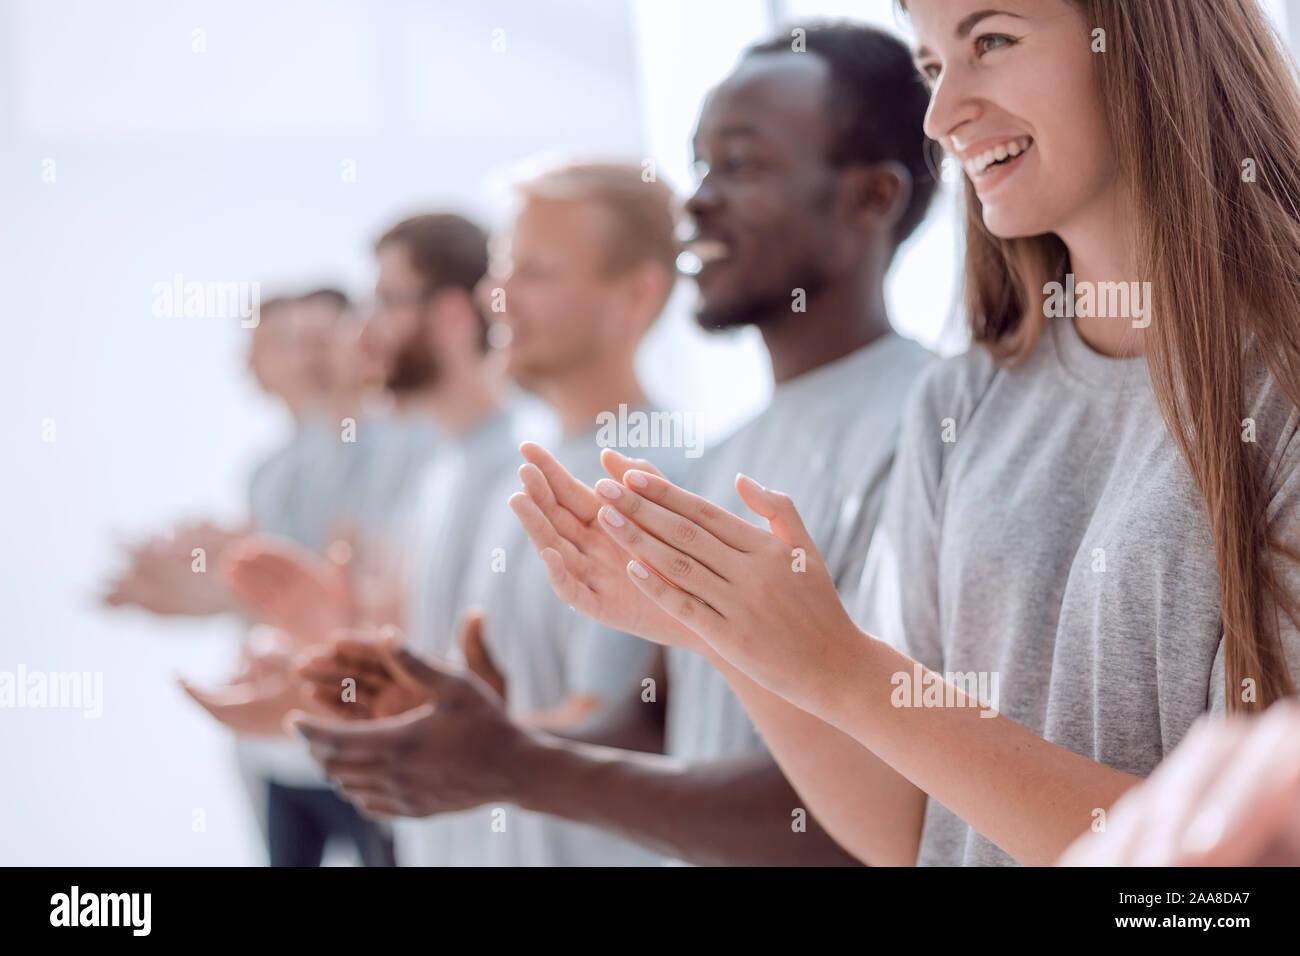 Imagen de un grupo de jóvenes de pie en una fila aplaudiendo. Foto de stock